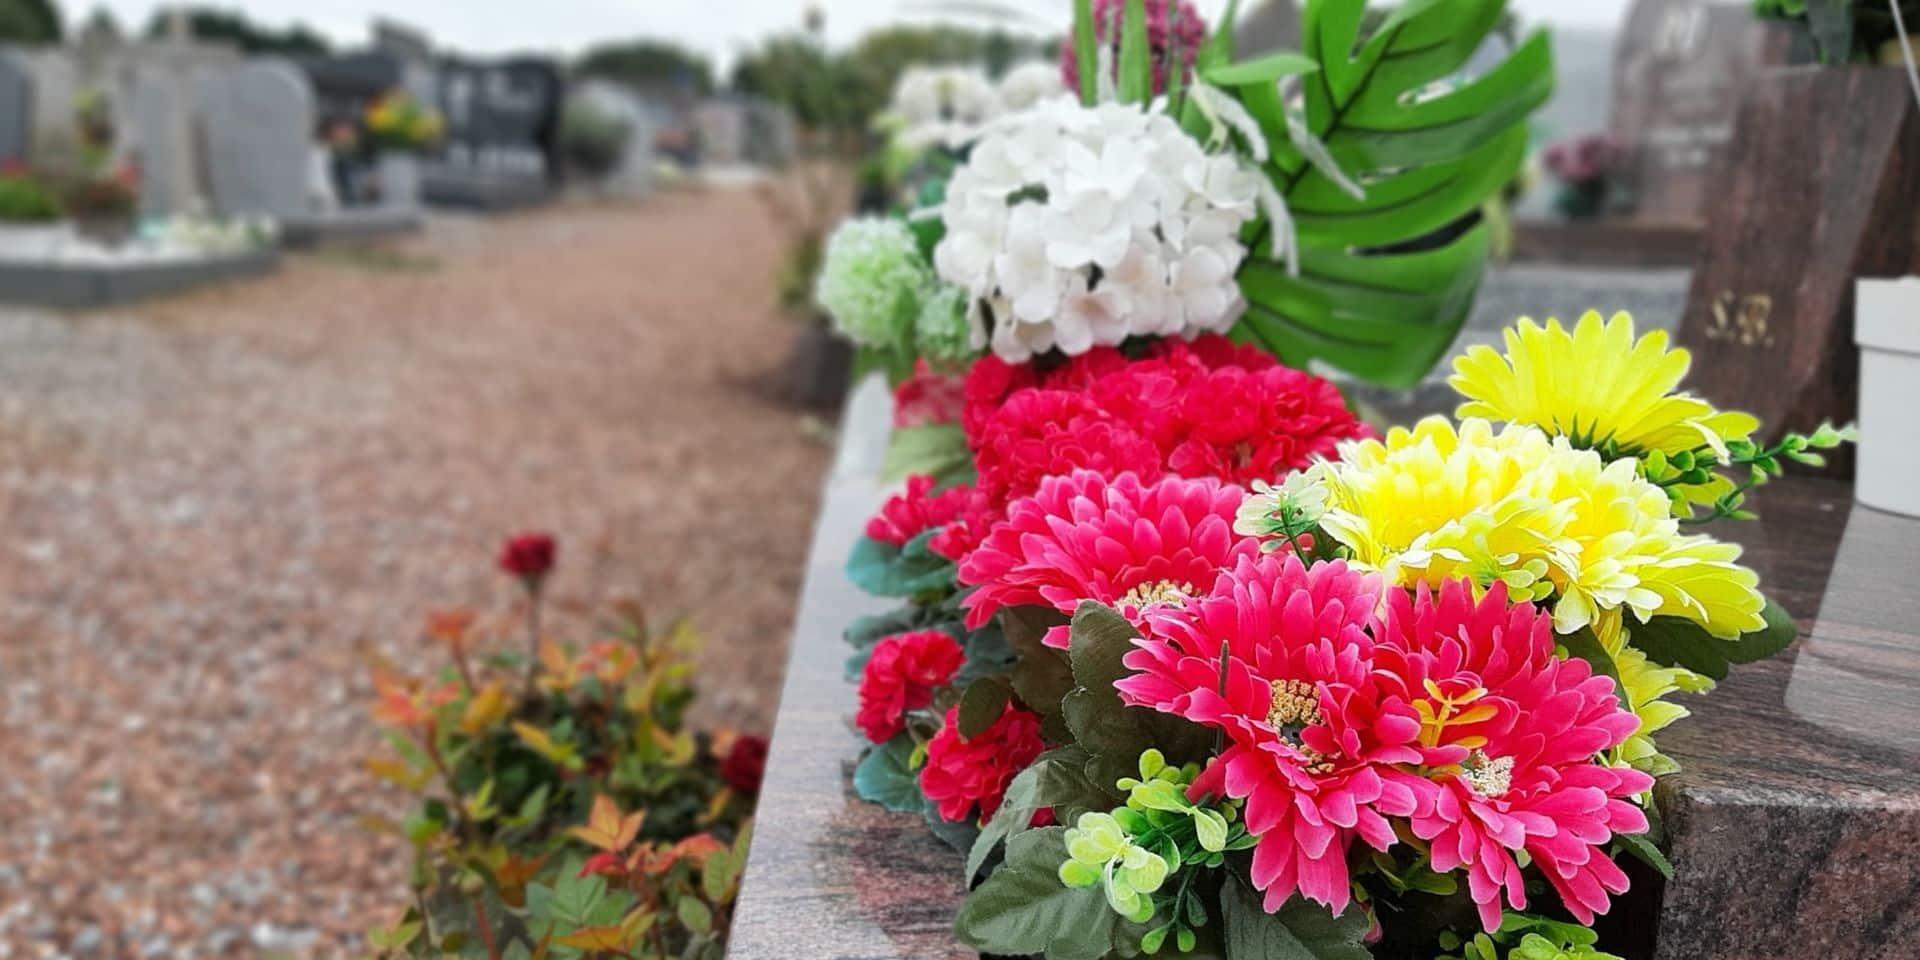 Fontaine-l'Evêque: les cimetières prêts à accueillir les familles